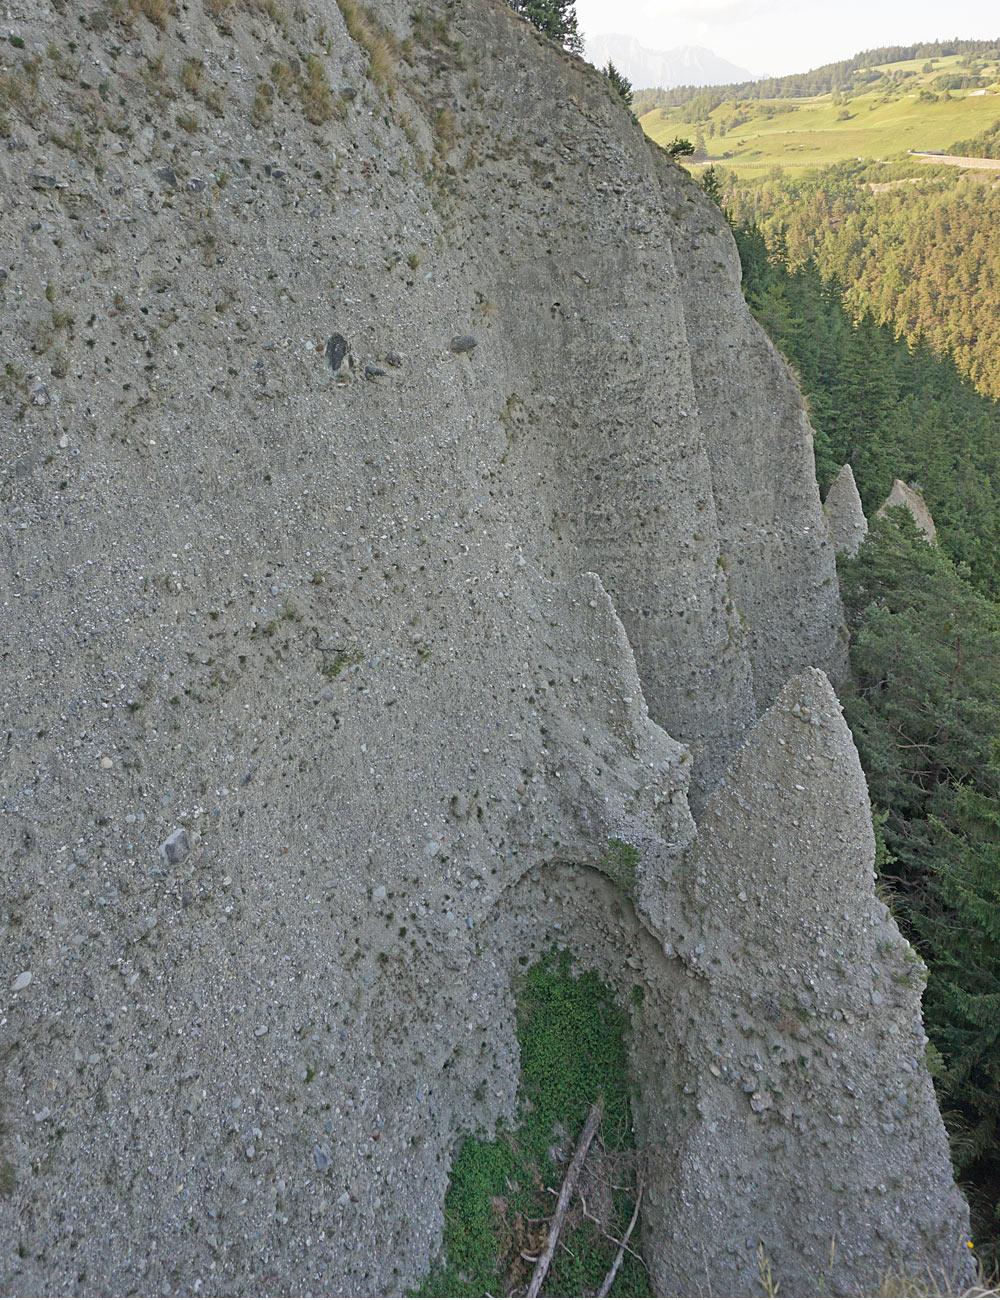 Blick von oben auf die Erdpyramiden am Kleinburgstall bei Schönnberg im Stubaital